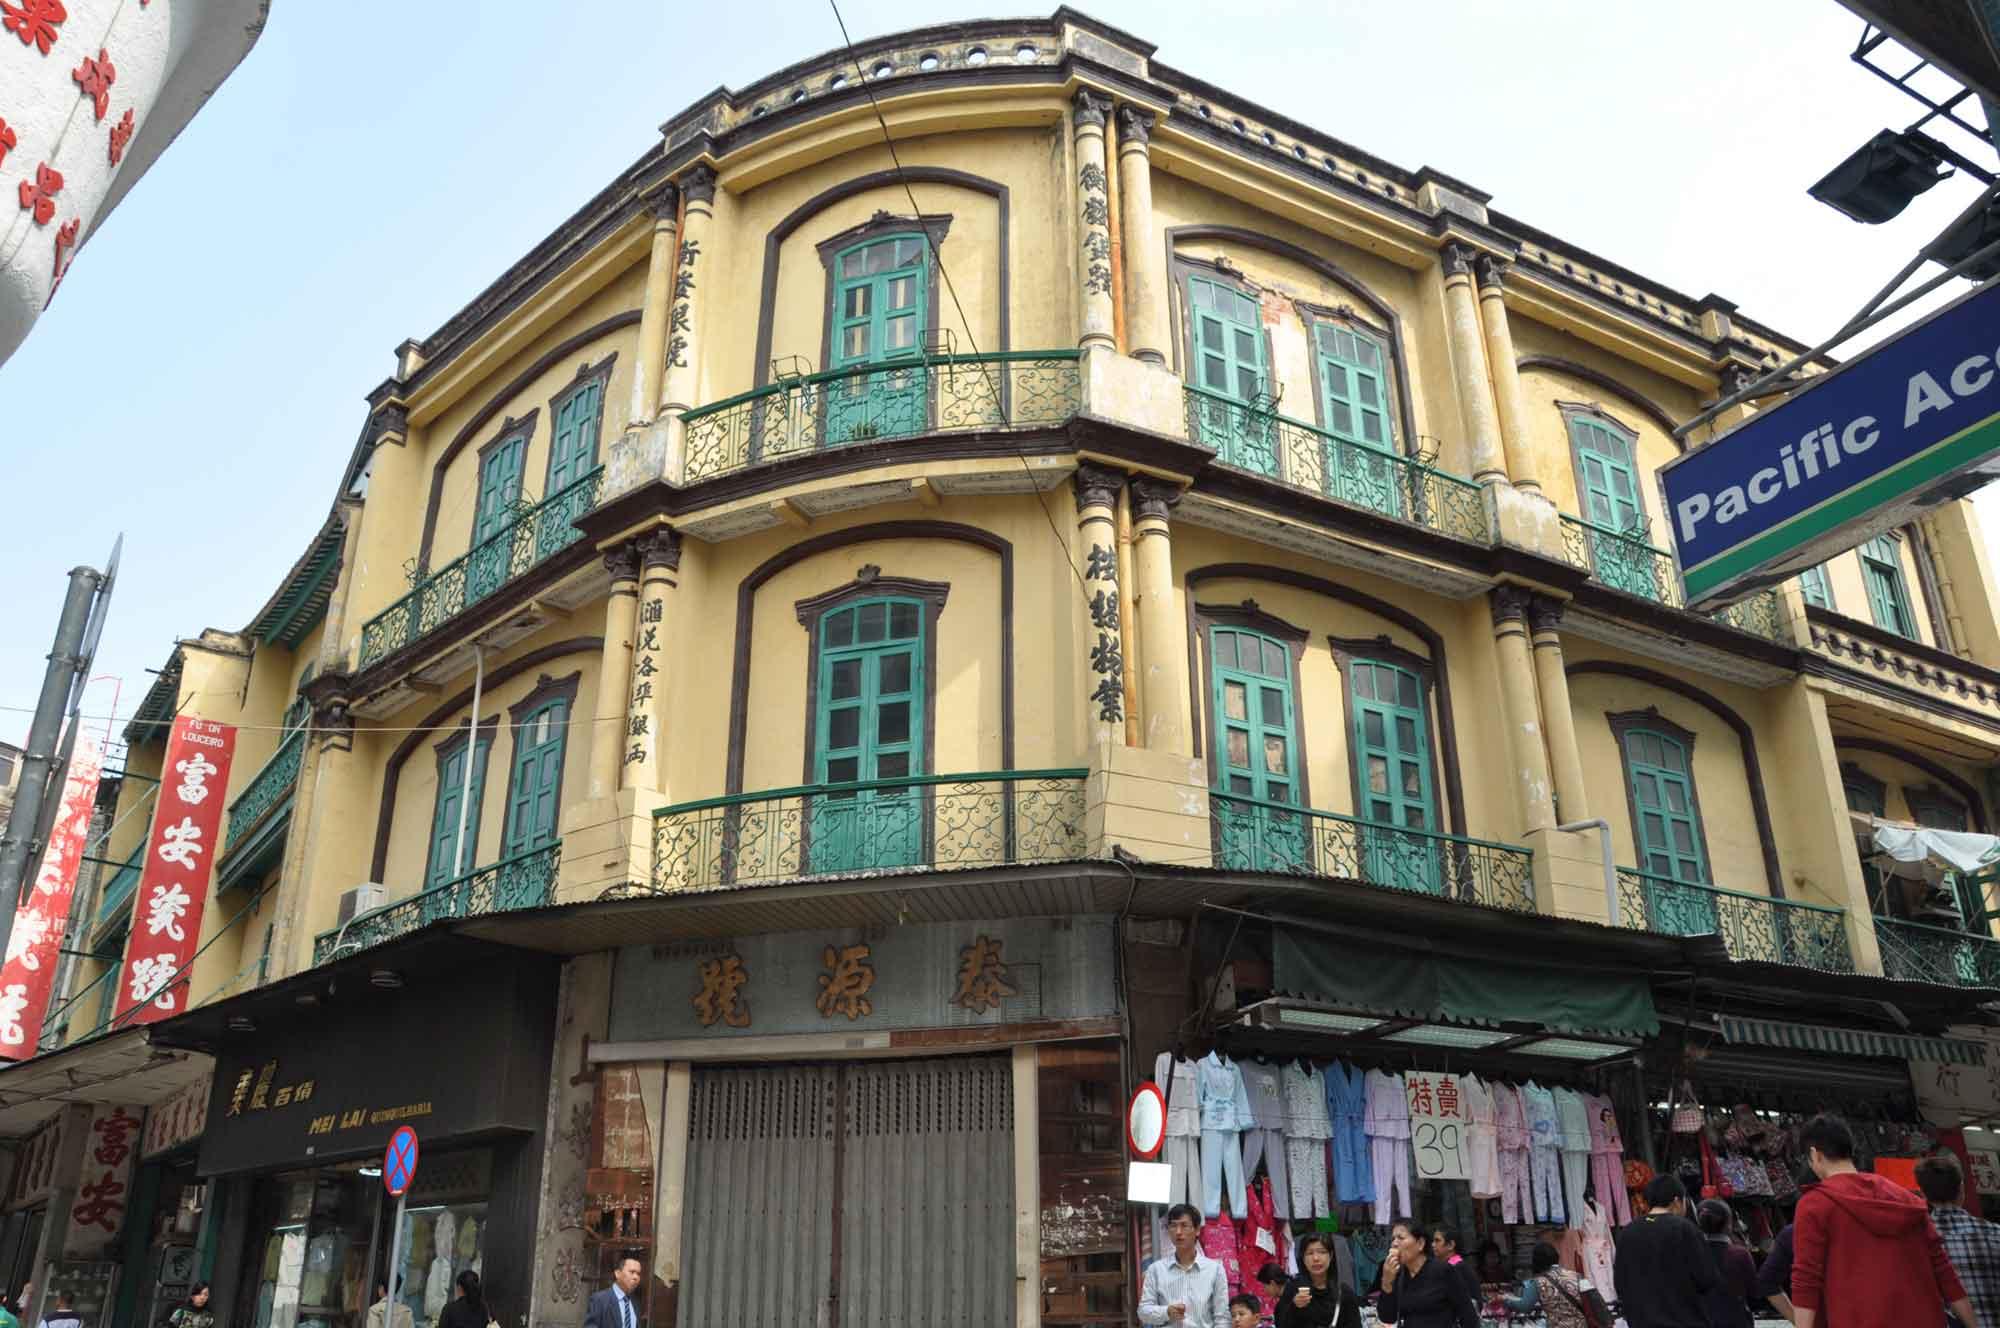 Rua dos Mercadores yellow building